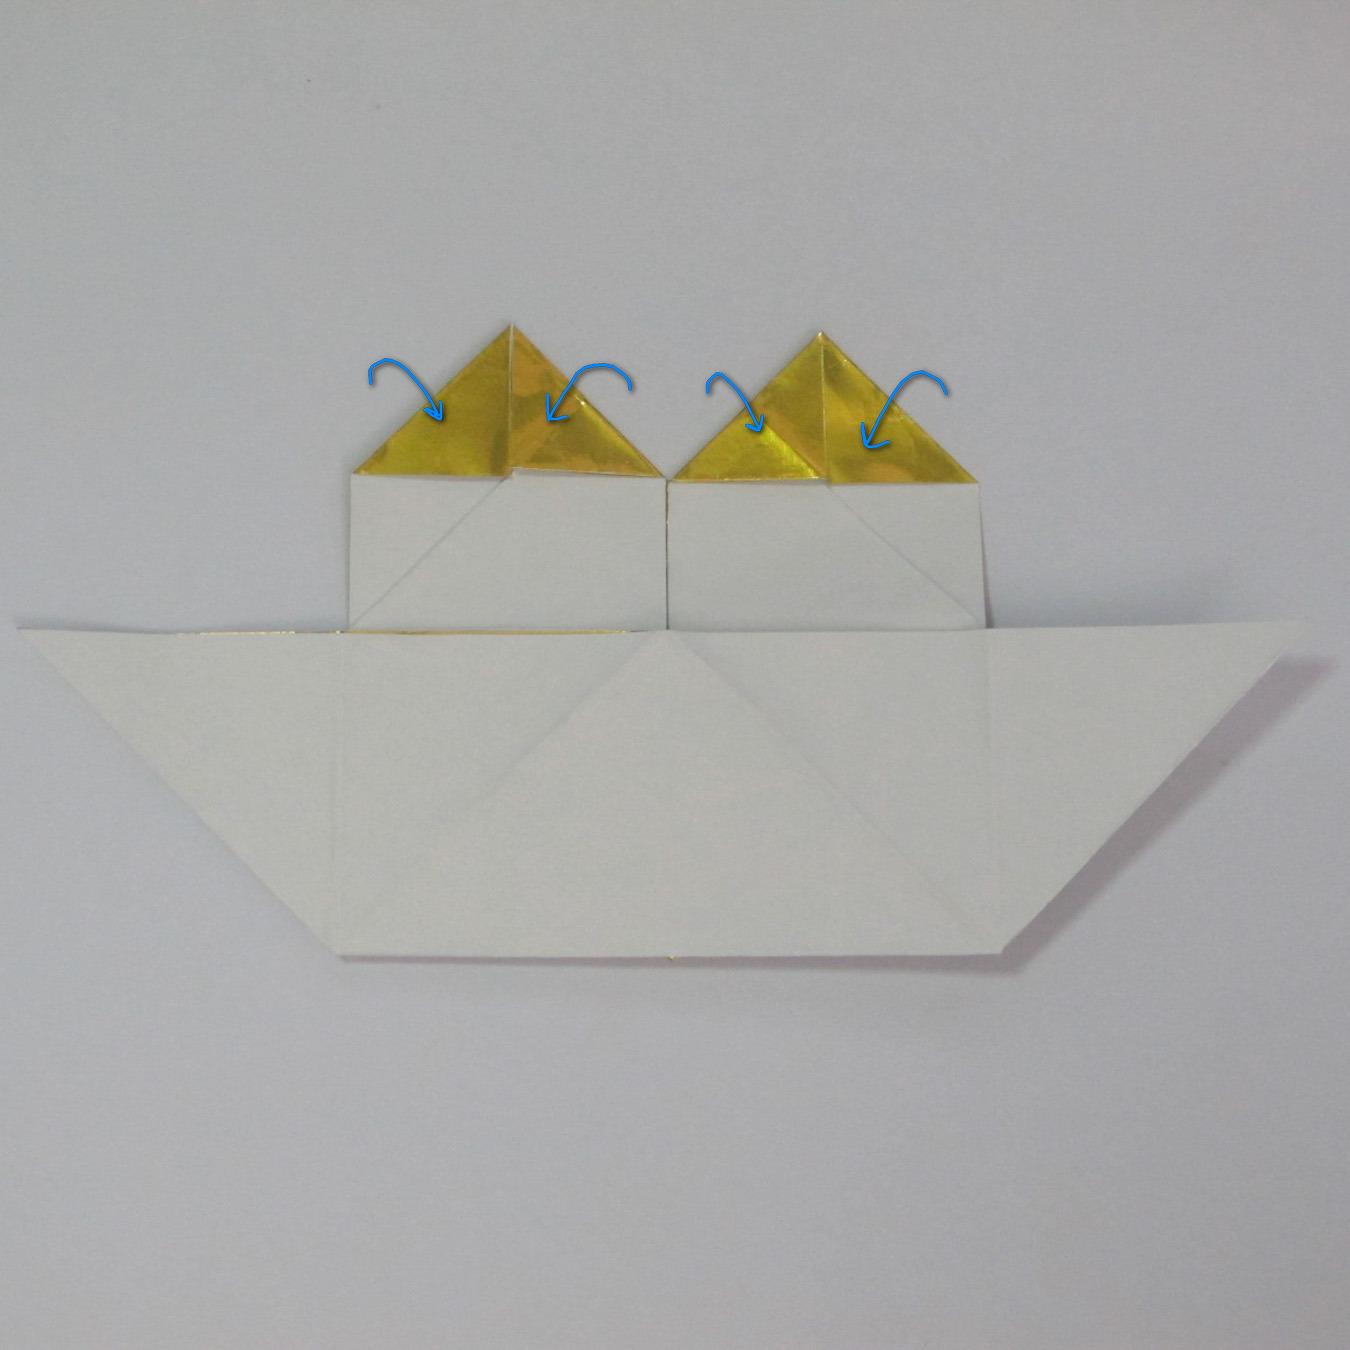 วิธีพับกระดาษเป็นรูปหัวใจติดปีก (Heart Wing Origami) 020